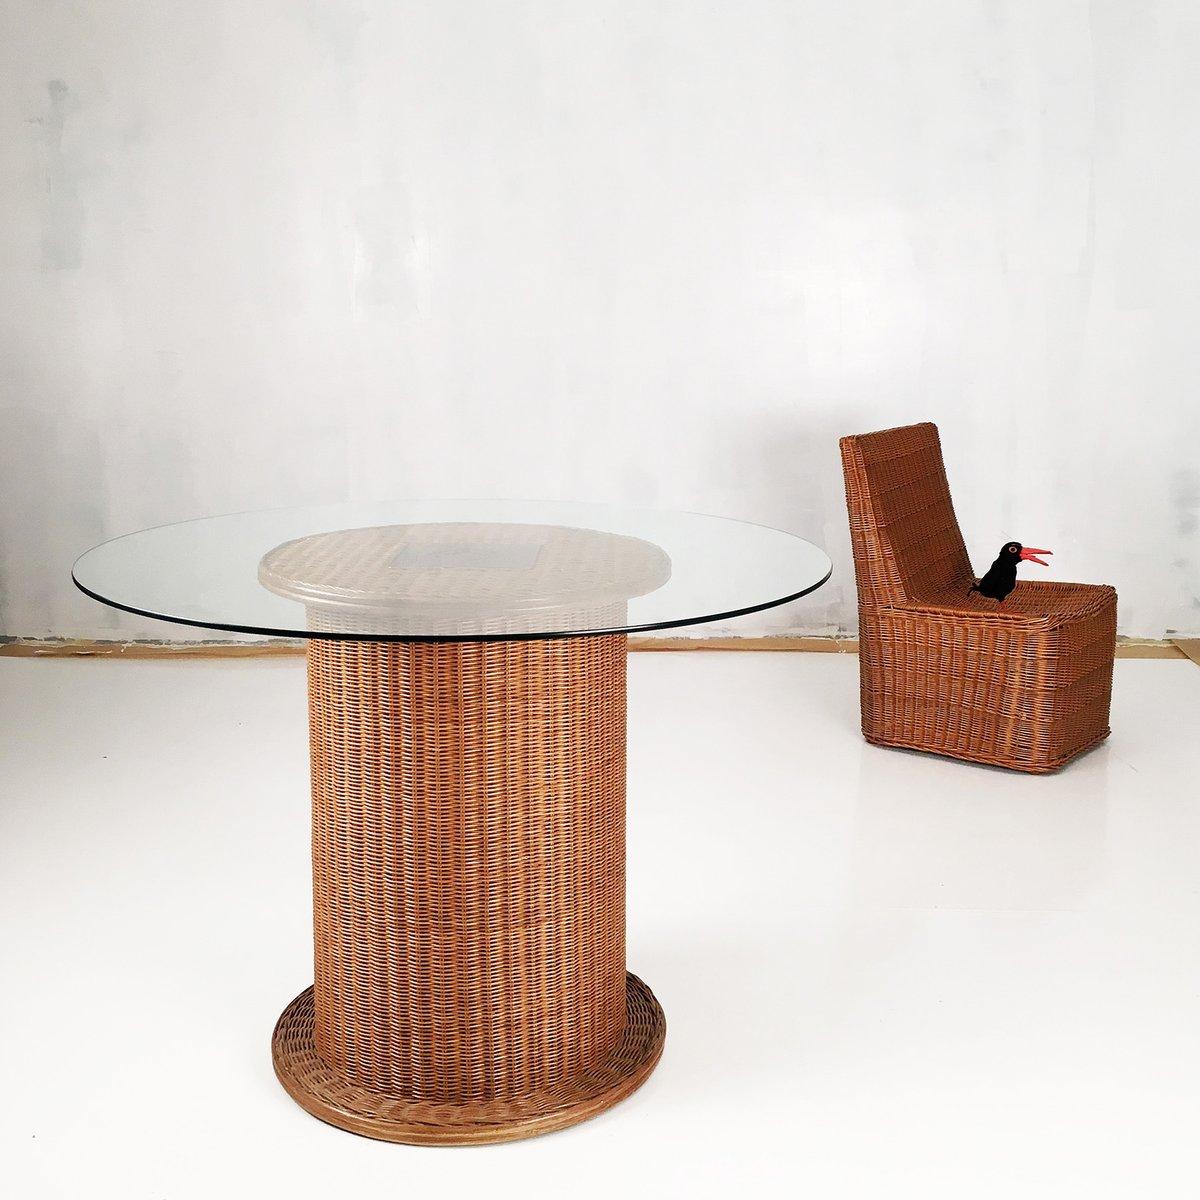 table de salle manger vintage en osier et verre en vente. Black Bedroom Furniture Sets. Home Design Ideas